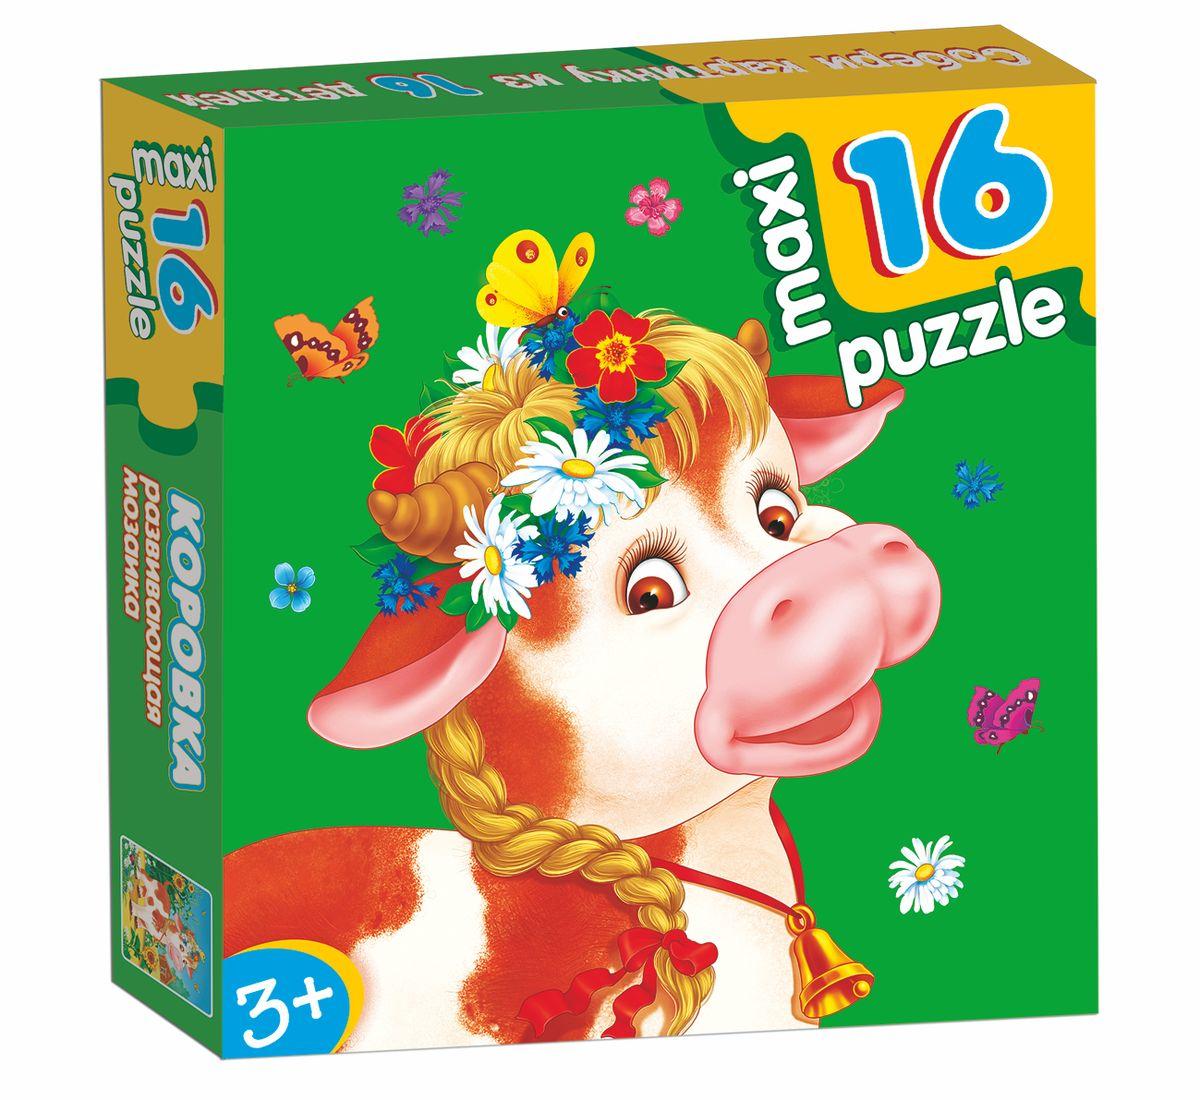 Дрофа-Медиа Пазл для малышей Коровка 2396 дрофа медиа пазл для малышей играй и собирай 4 в 1 2938